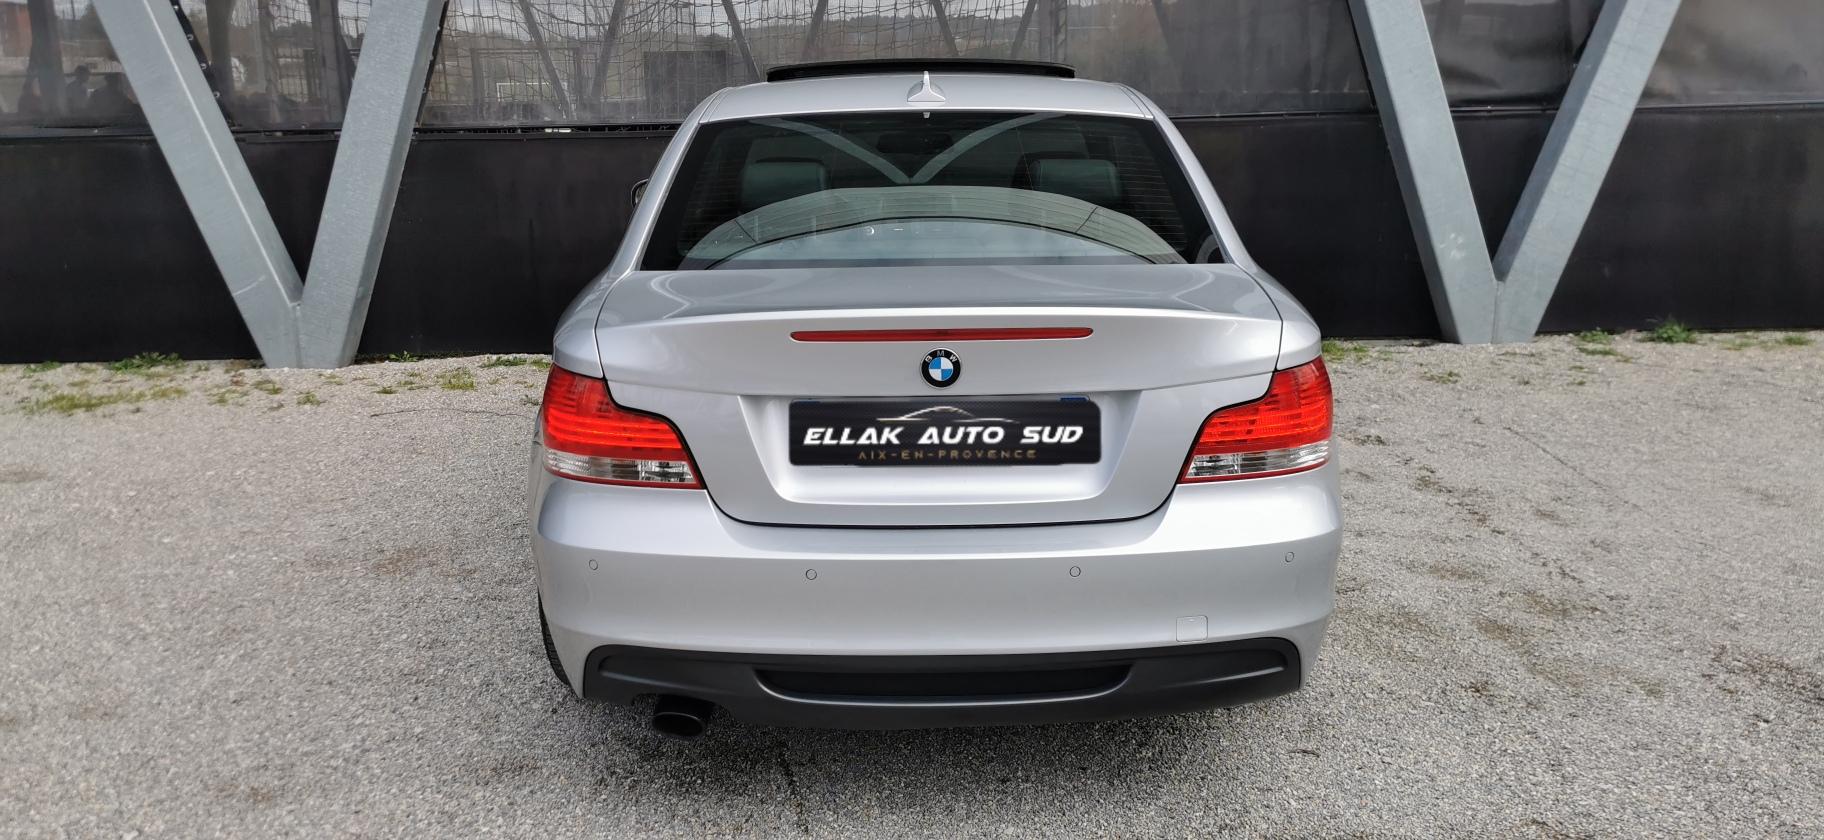 BMW 123d - Ellak Auto Sud